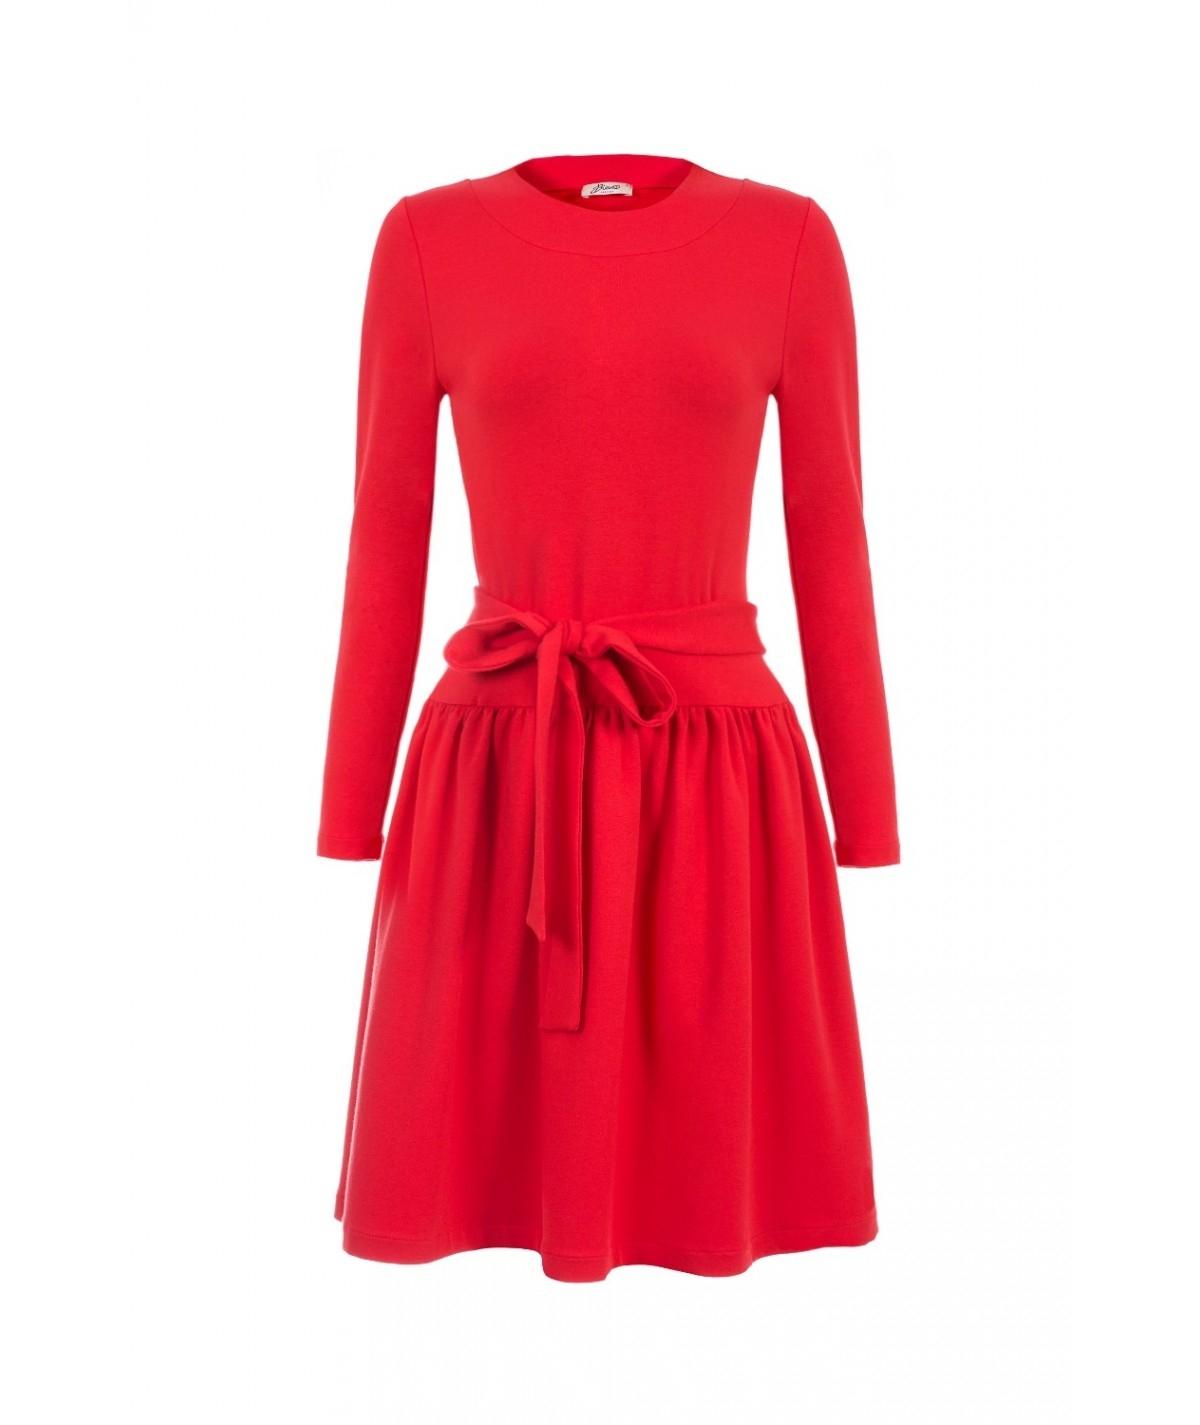 Czerwona sukienka z długim rękawem z kokardą w talii